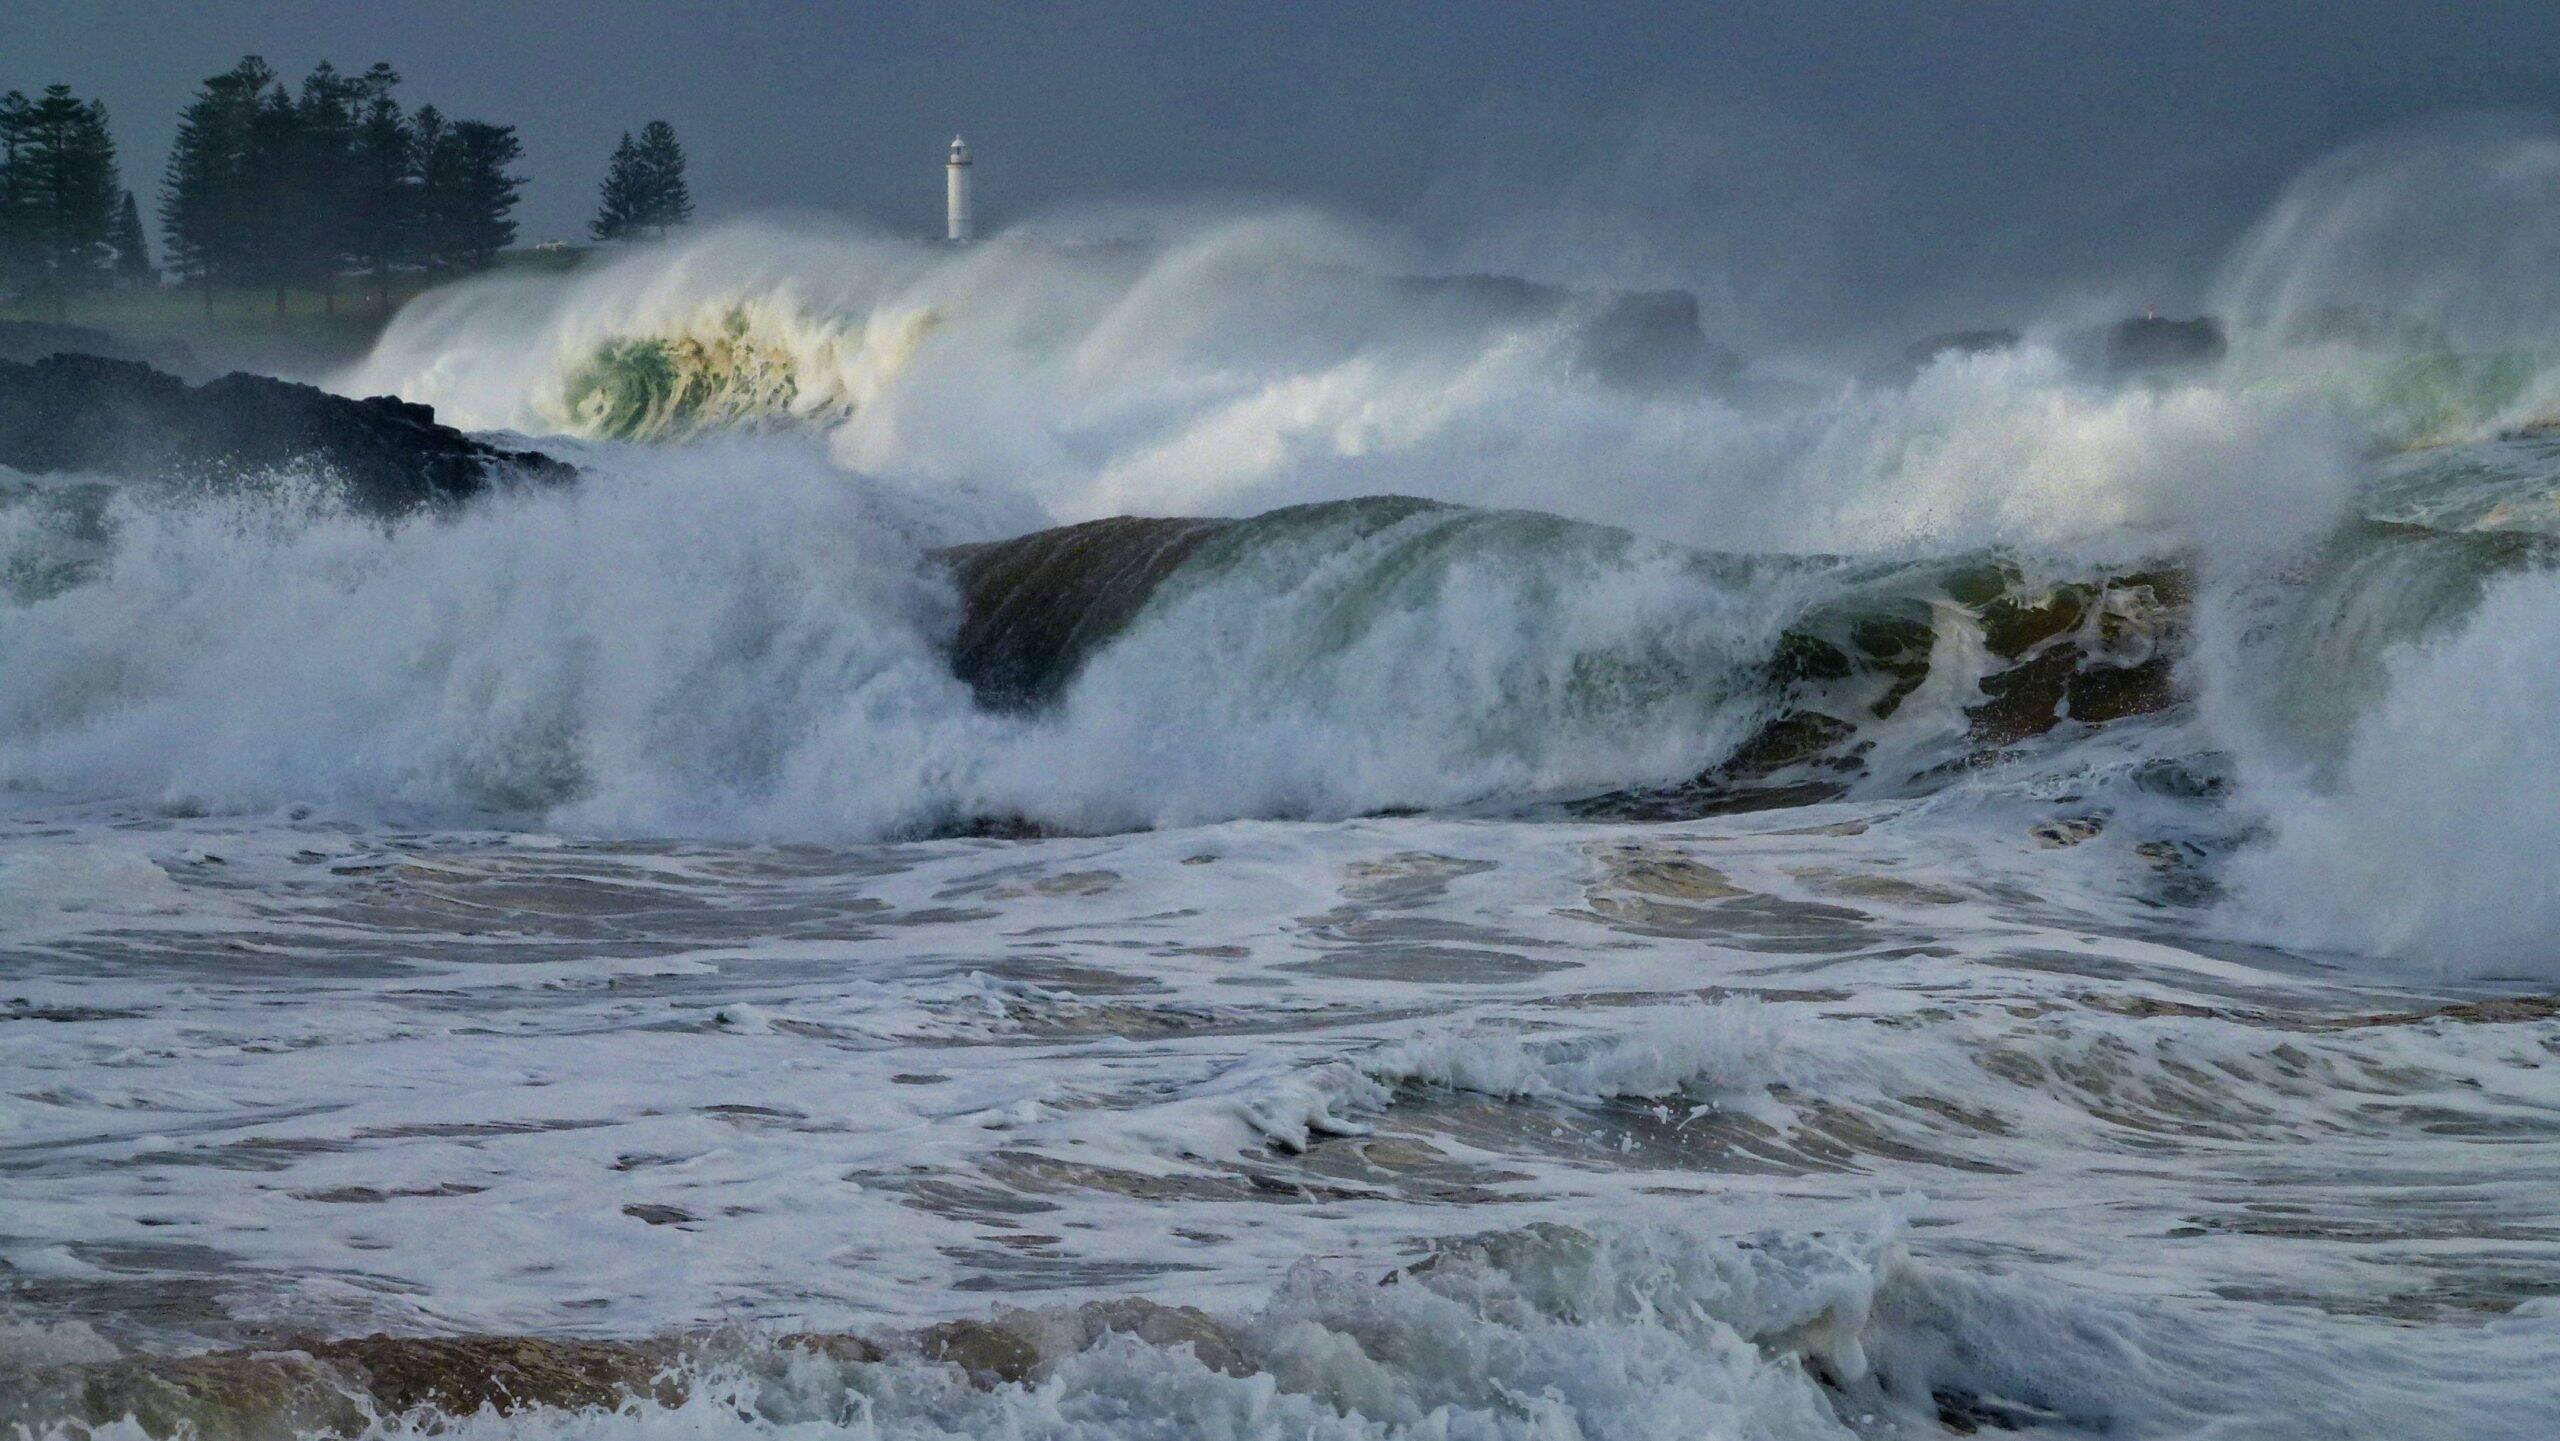 Os Tsunamis são grandes ondas que se formam no oceano e podem causar destruição total por onde passam. (Foto: Unsplash)